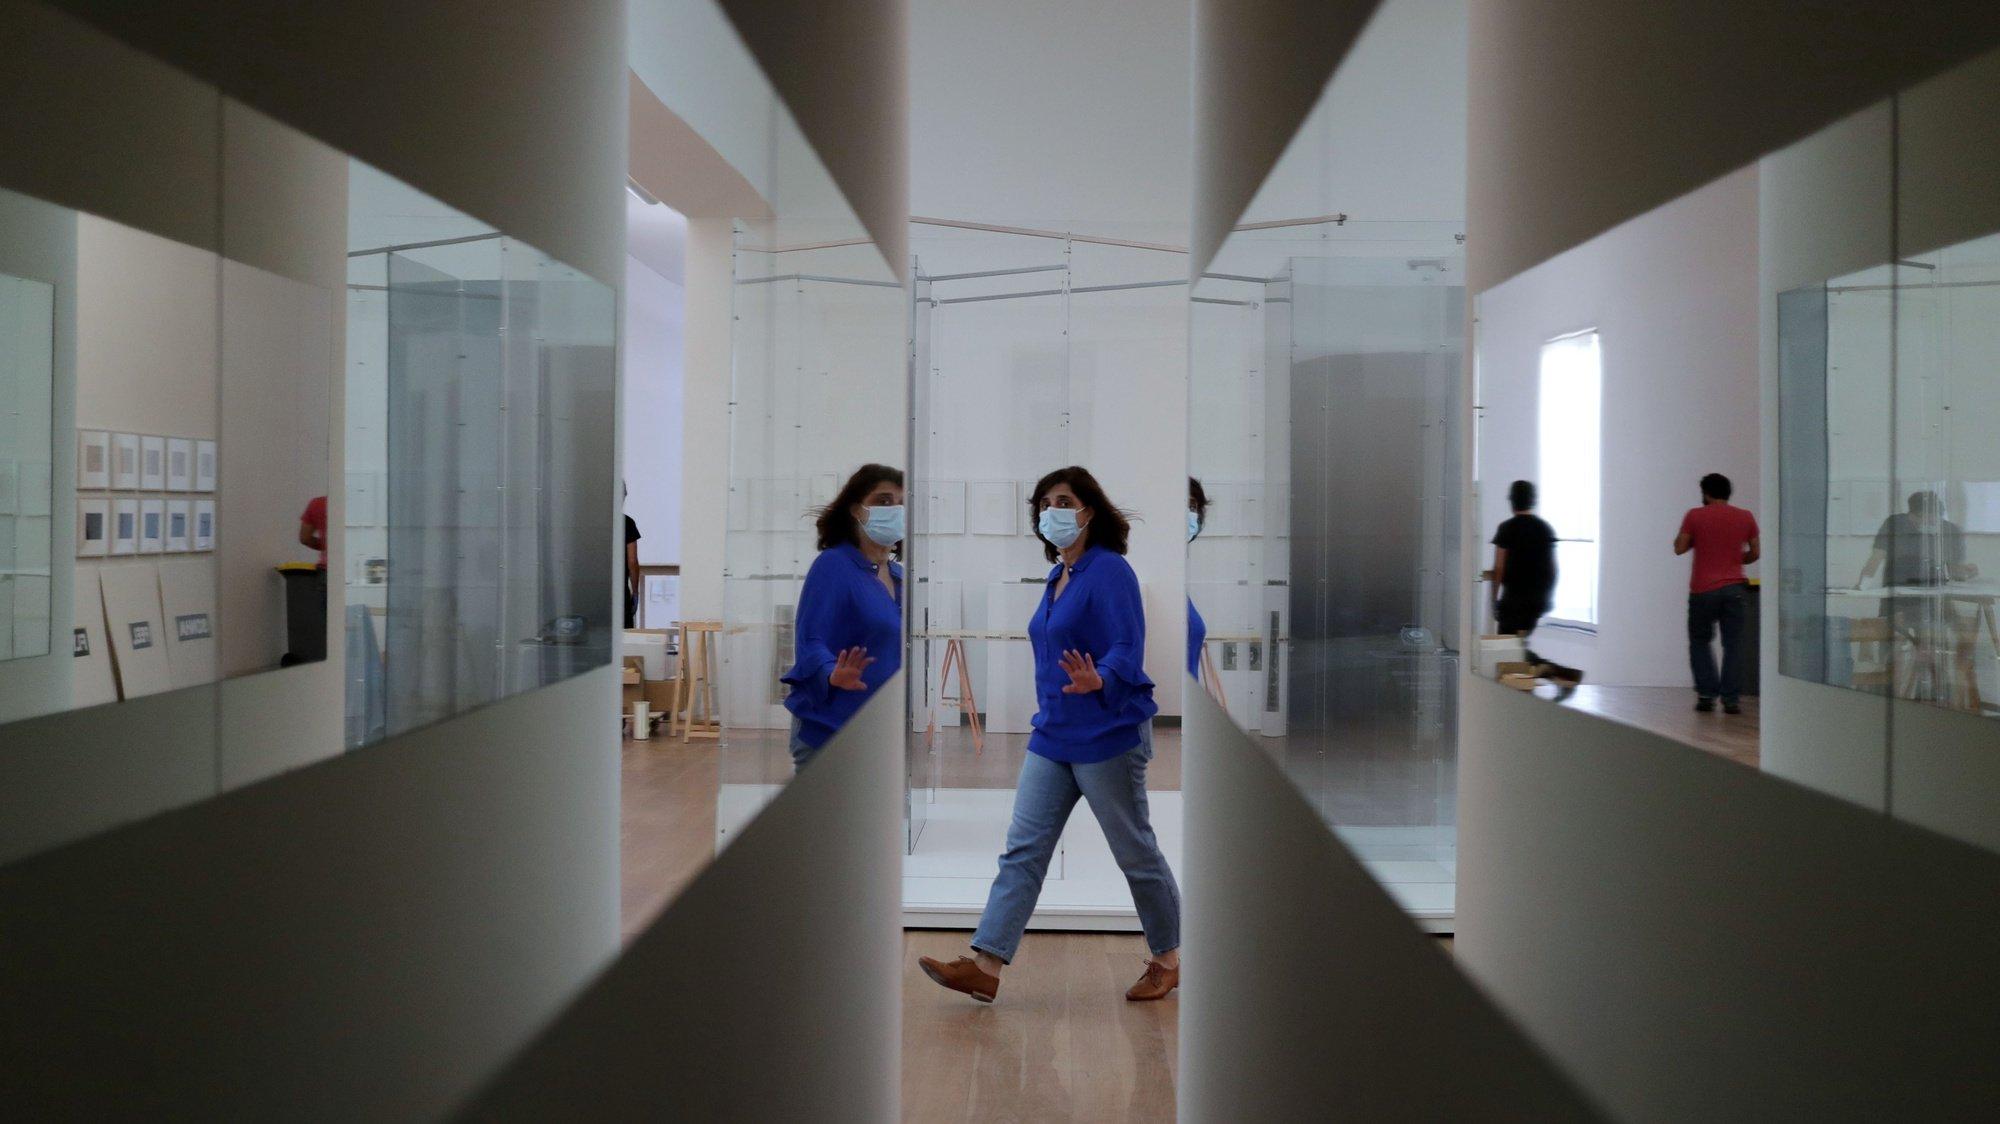 Montagem da exposição de Yoko Ono no Museu de Arte Contemporânea de Serralves, no Porto, 29 de maio de 2020. A exposição é inaugurada no dia 30 de maio. ESTELA SILVA/LUSA